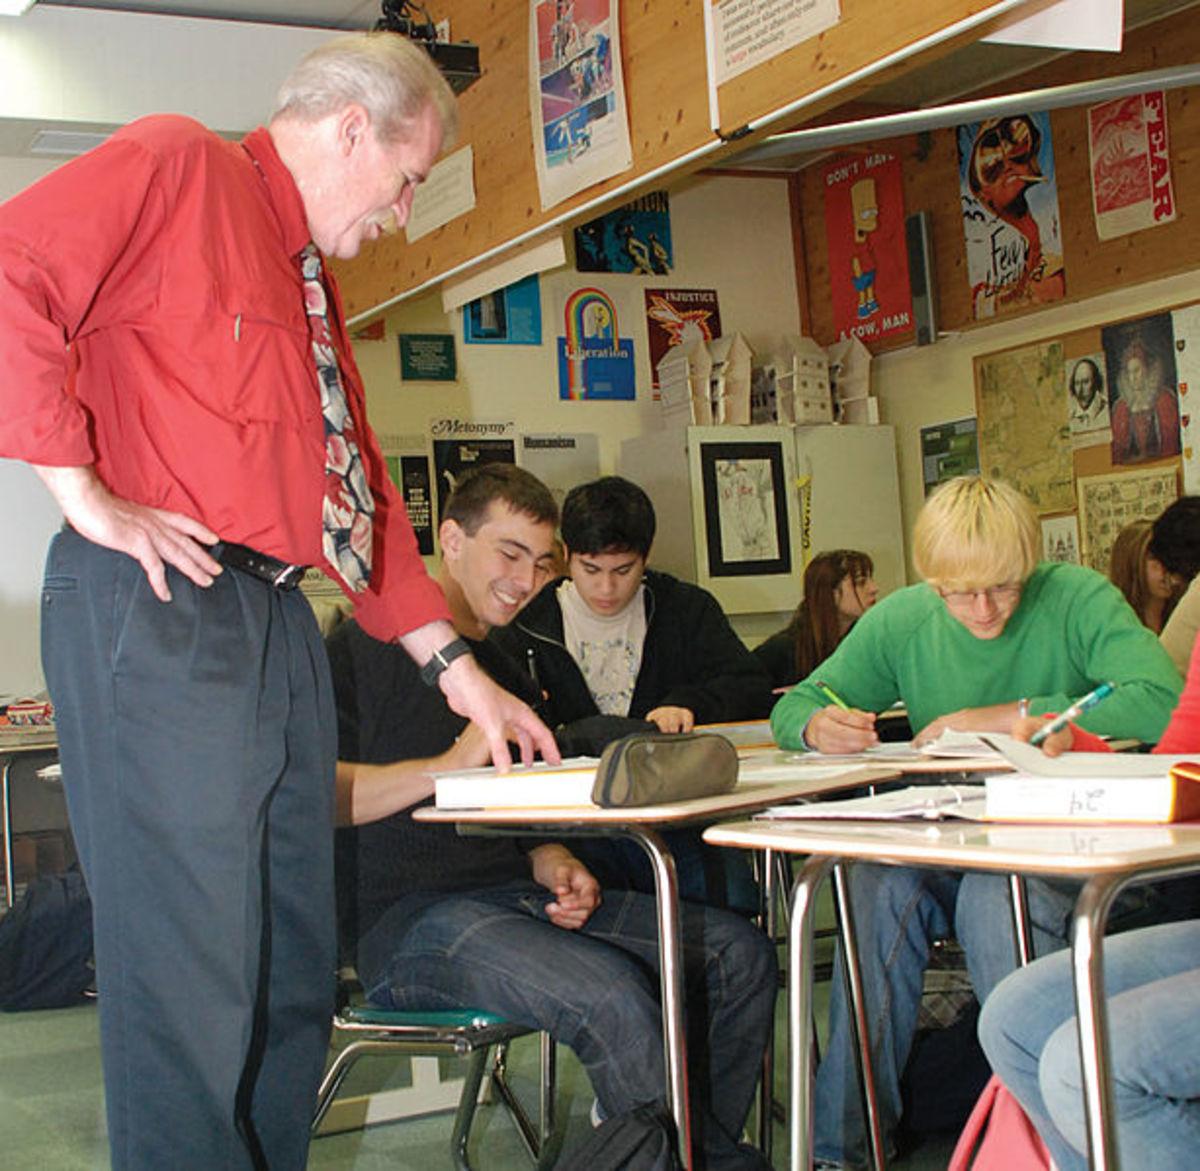 SHAPE teacher helps out teen student.